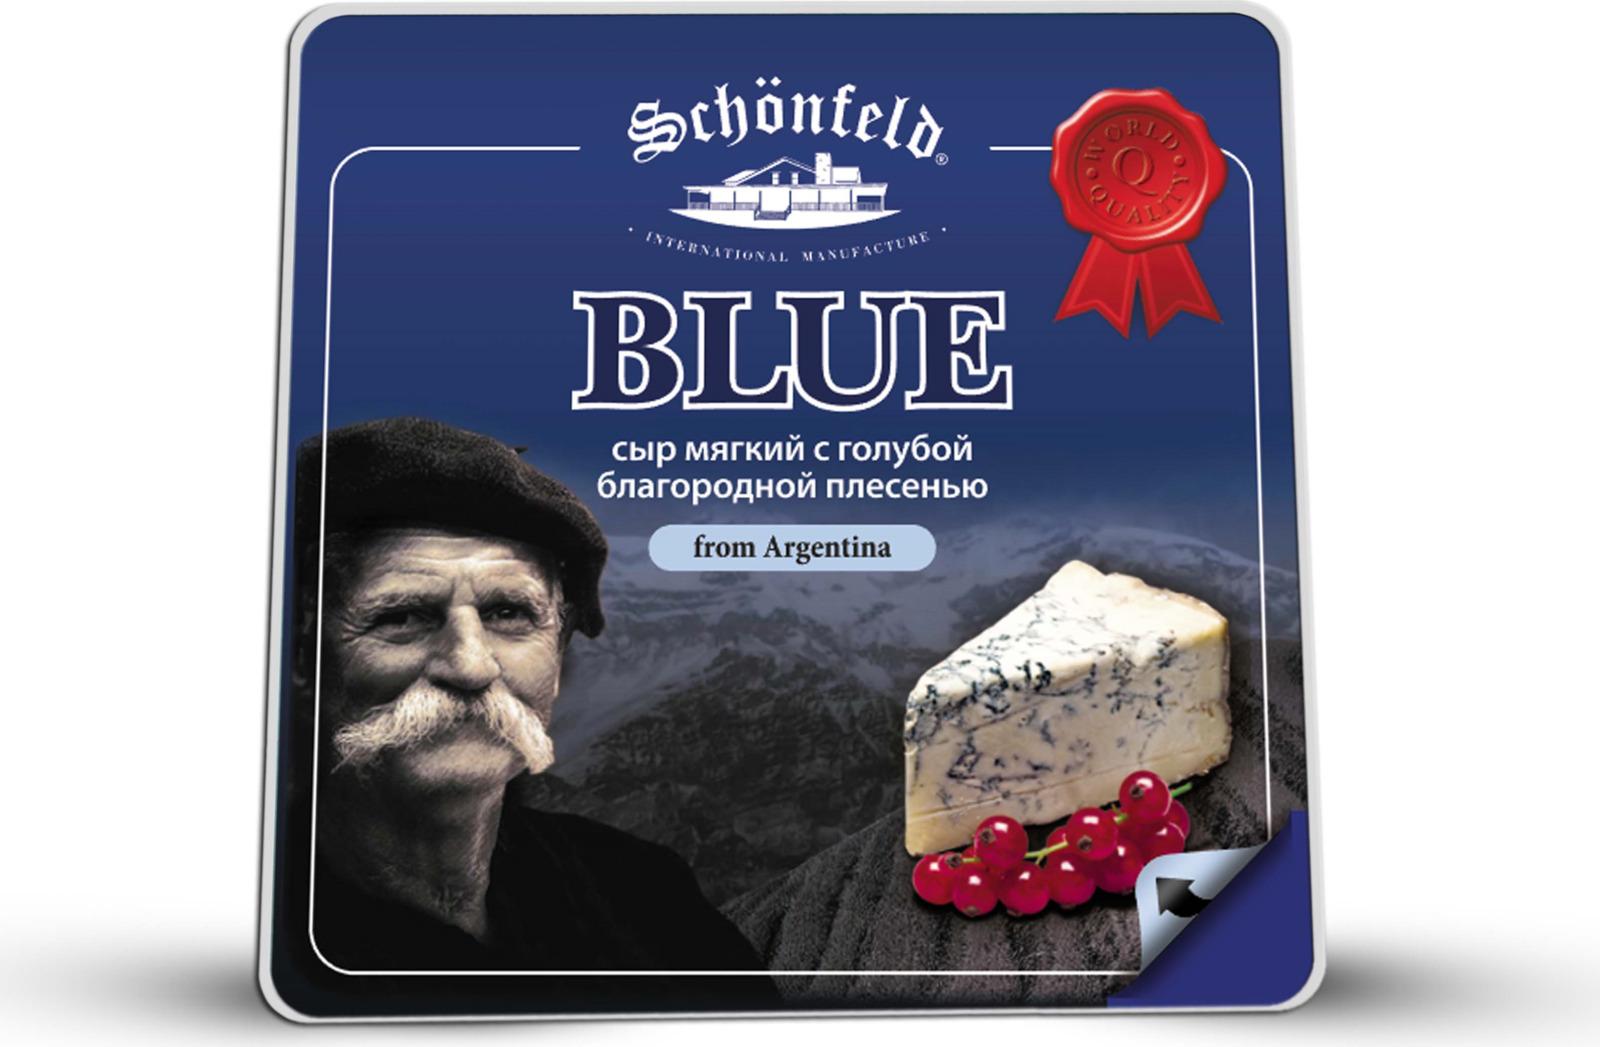 Сыр фасованый с благородной голубой плесенью Schonfeld Blue 54%, 100 г